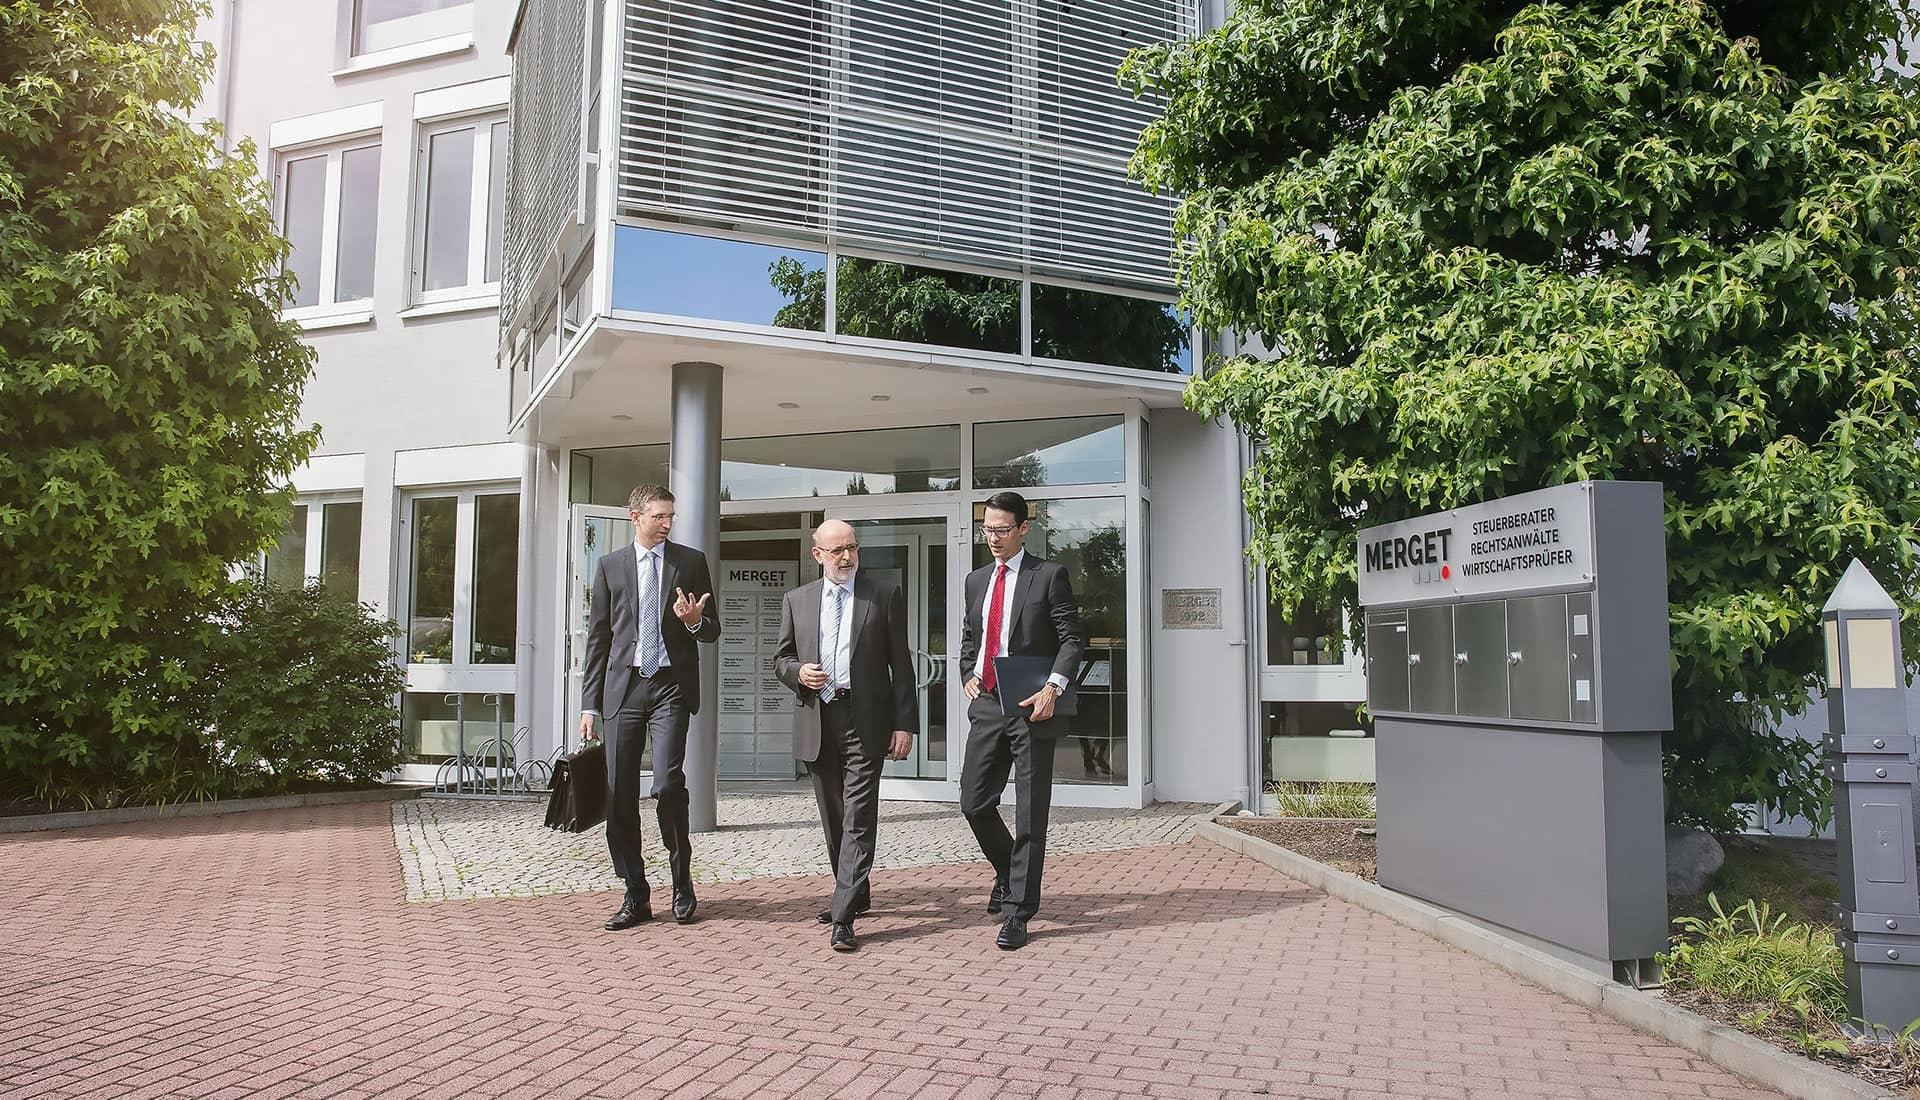 Gebäude der MERGET + PARTNER Steuerberater, Rechtsanwälte, Wirtschaftsprüfer aus Aschaffenburg